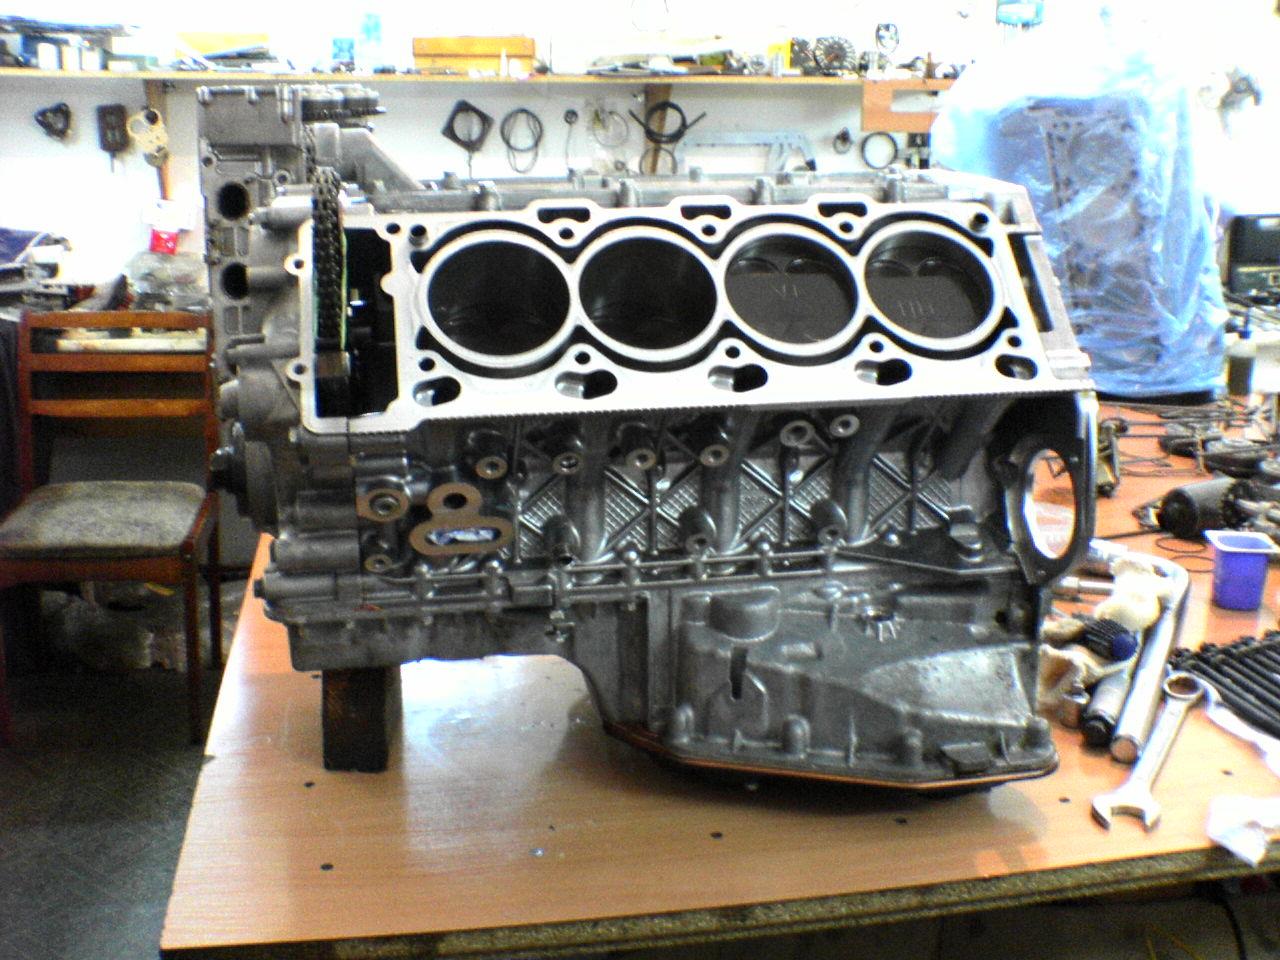 Ремонт БМВ своими руками: E34, E39, E60, E28, E12, F10, F11, F07, E61, M5 24